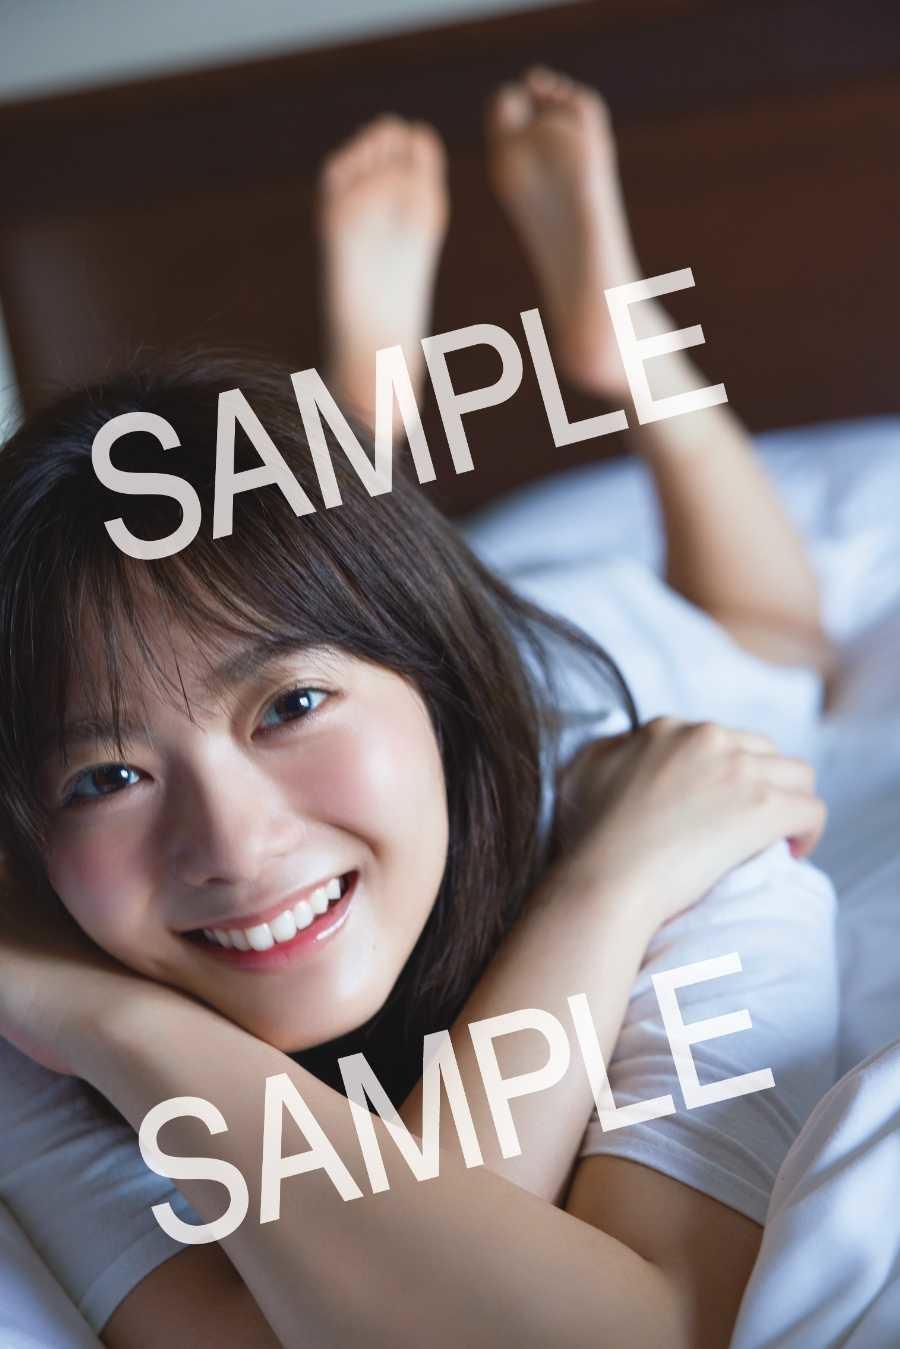 写真はSHIBUYA TSUTAYA版特典(提供:小学館)(撮影:Takeo Dec.)